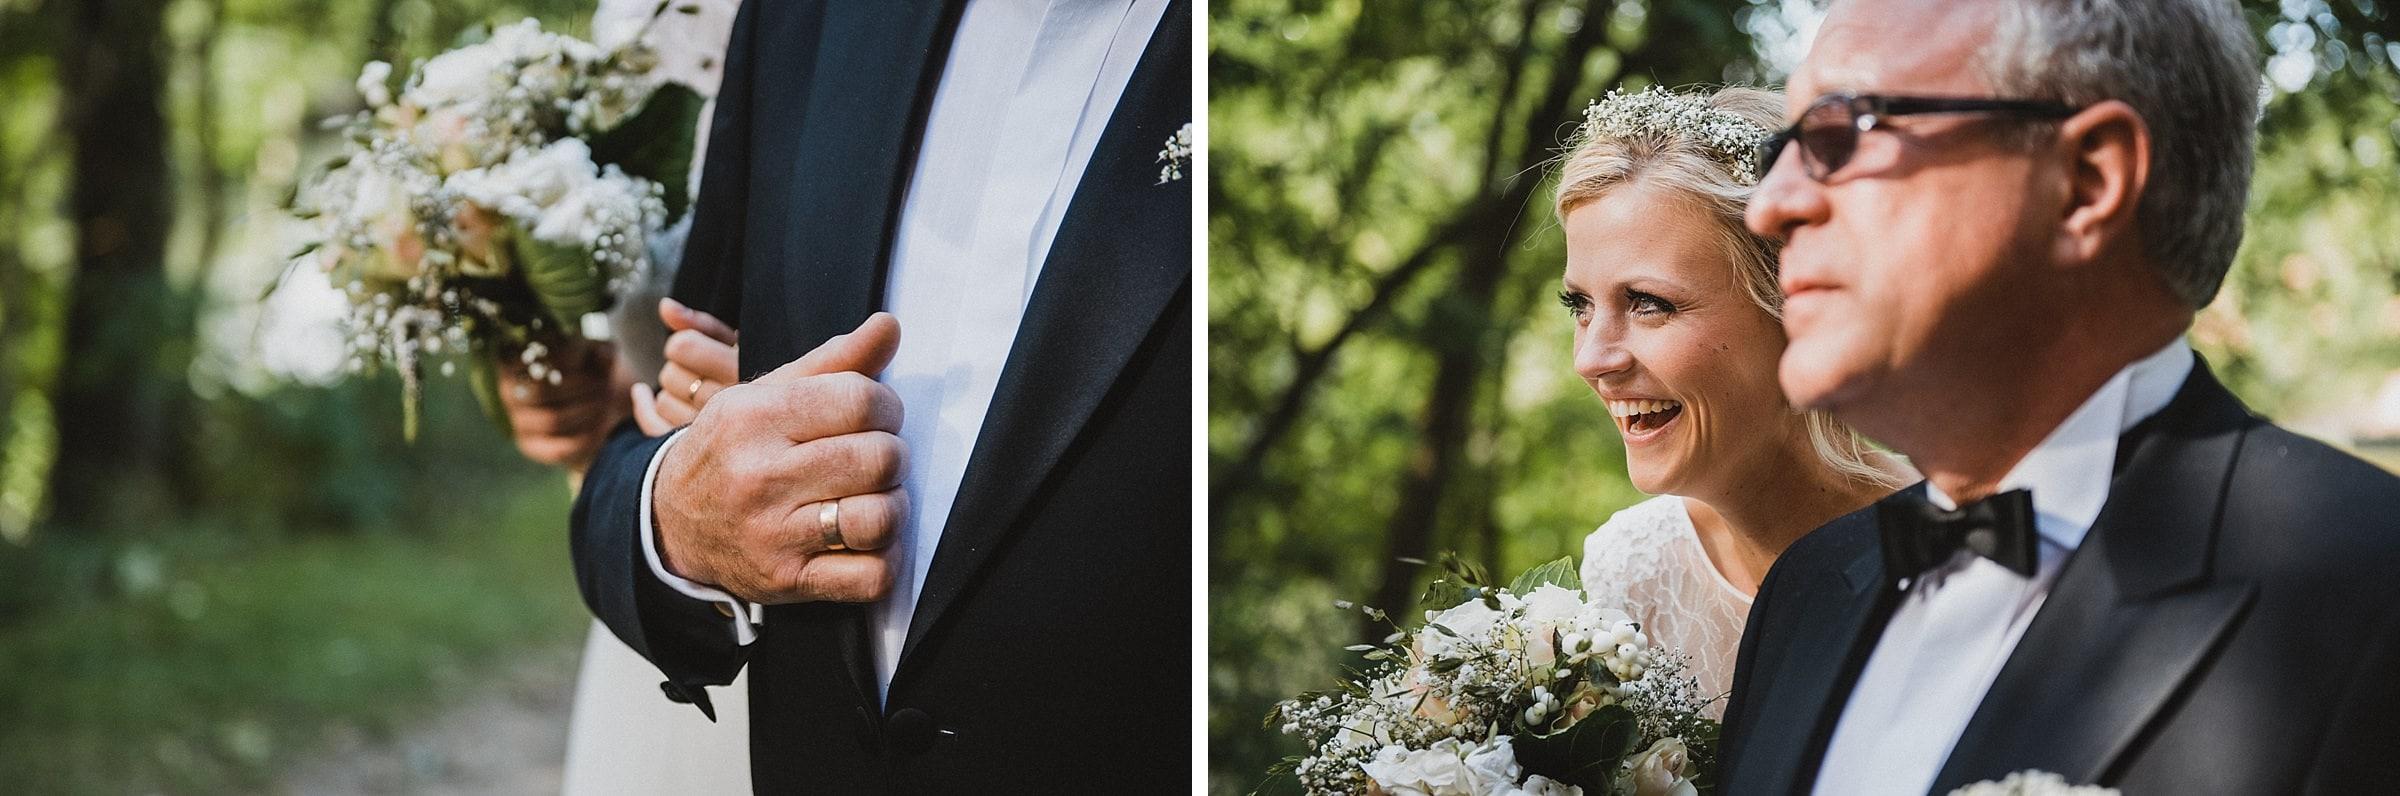 Hochzeitsfotografie Hamburg-Frau-Siemers-Gut Basthorst- Ankunft der Braut an der Kirche